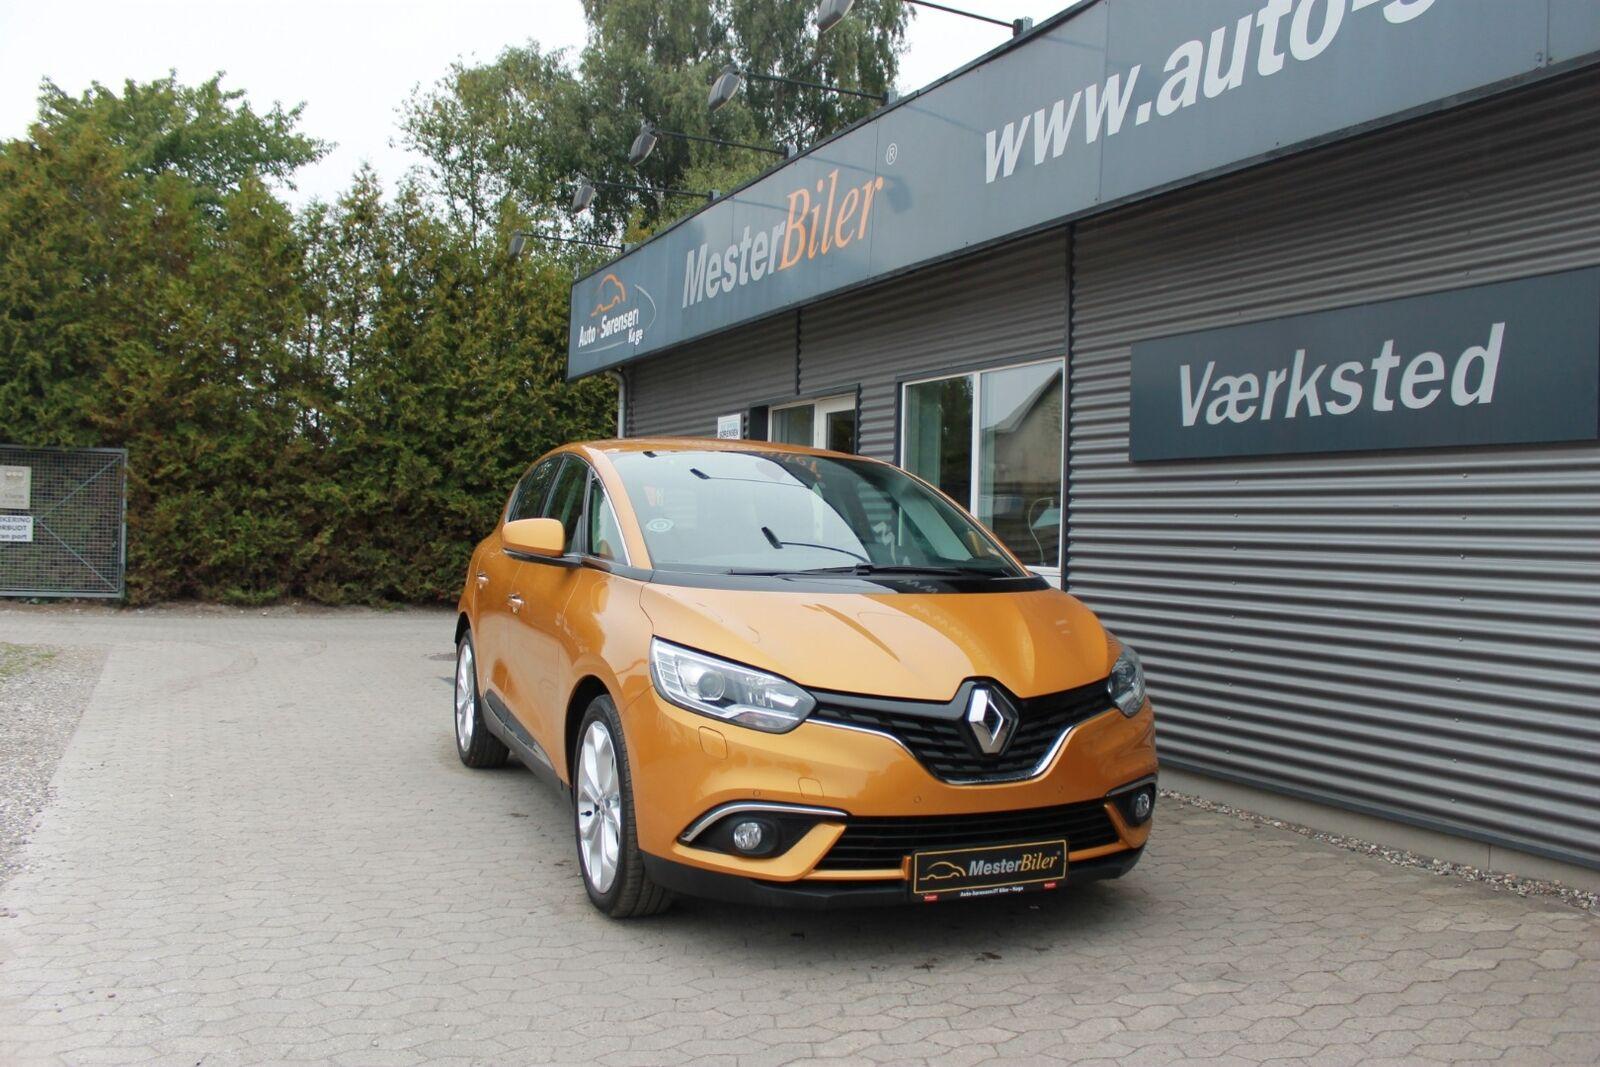 Renault Scenic IV 1,5 dCi 110 Zen 5d - 167.900 kr.